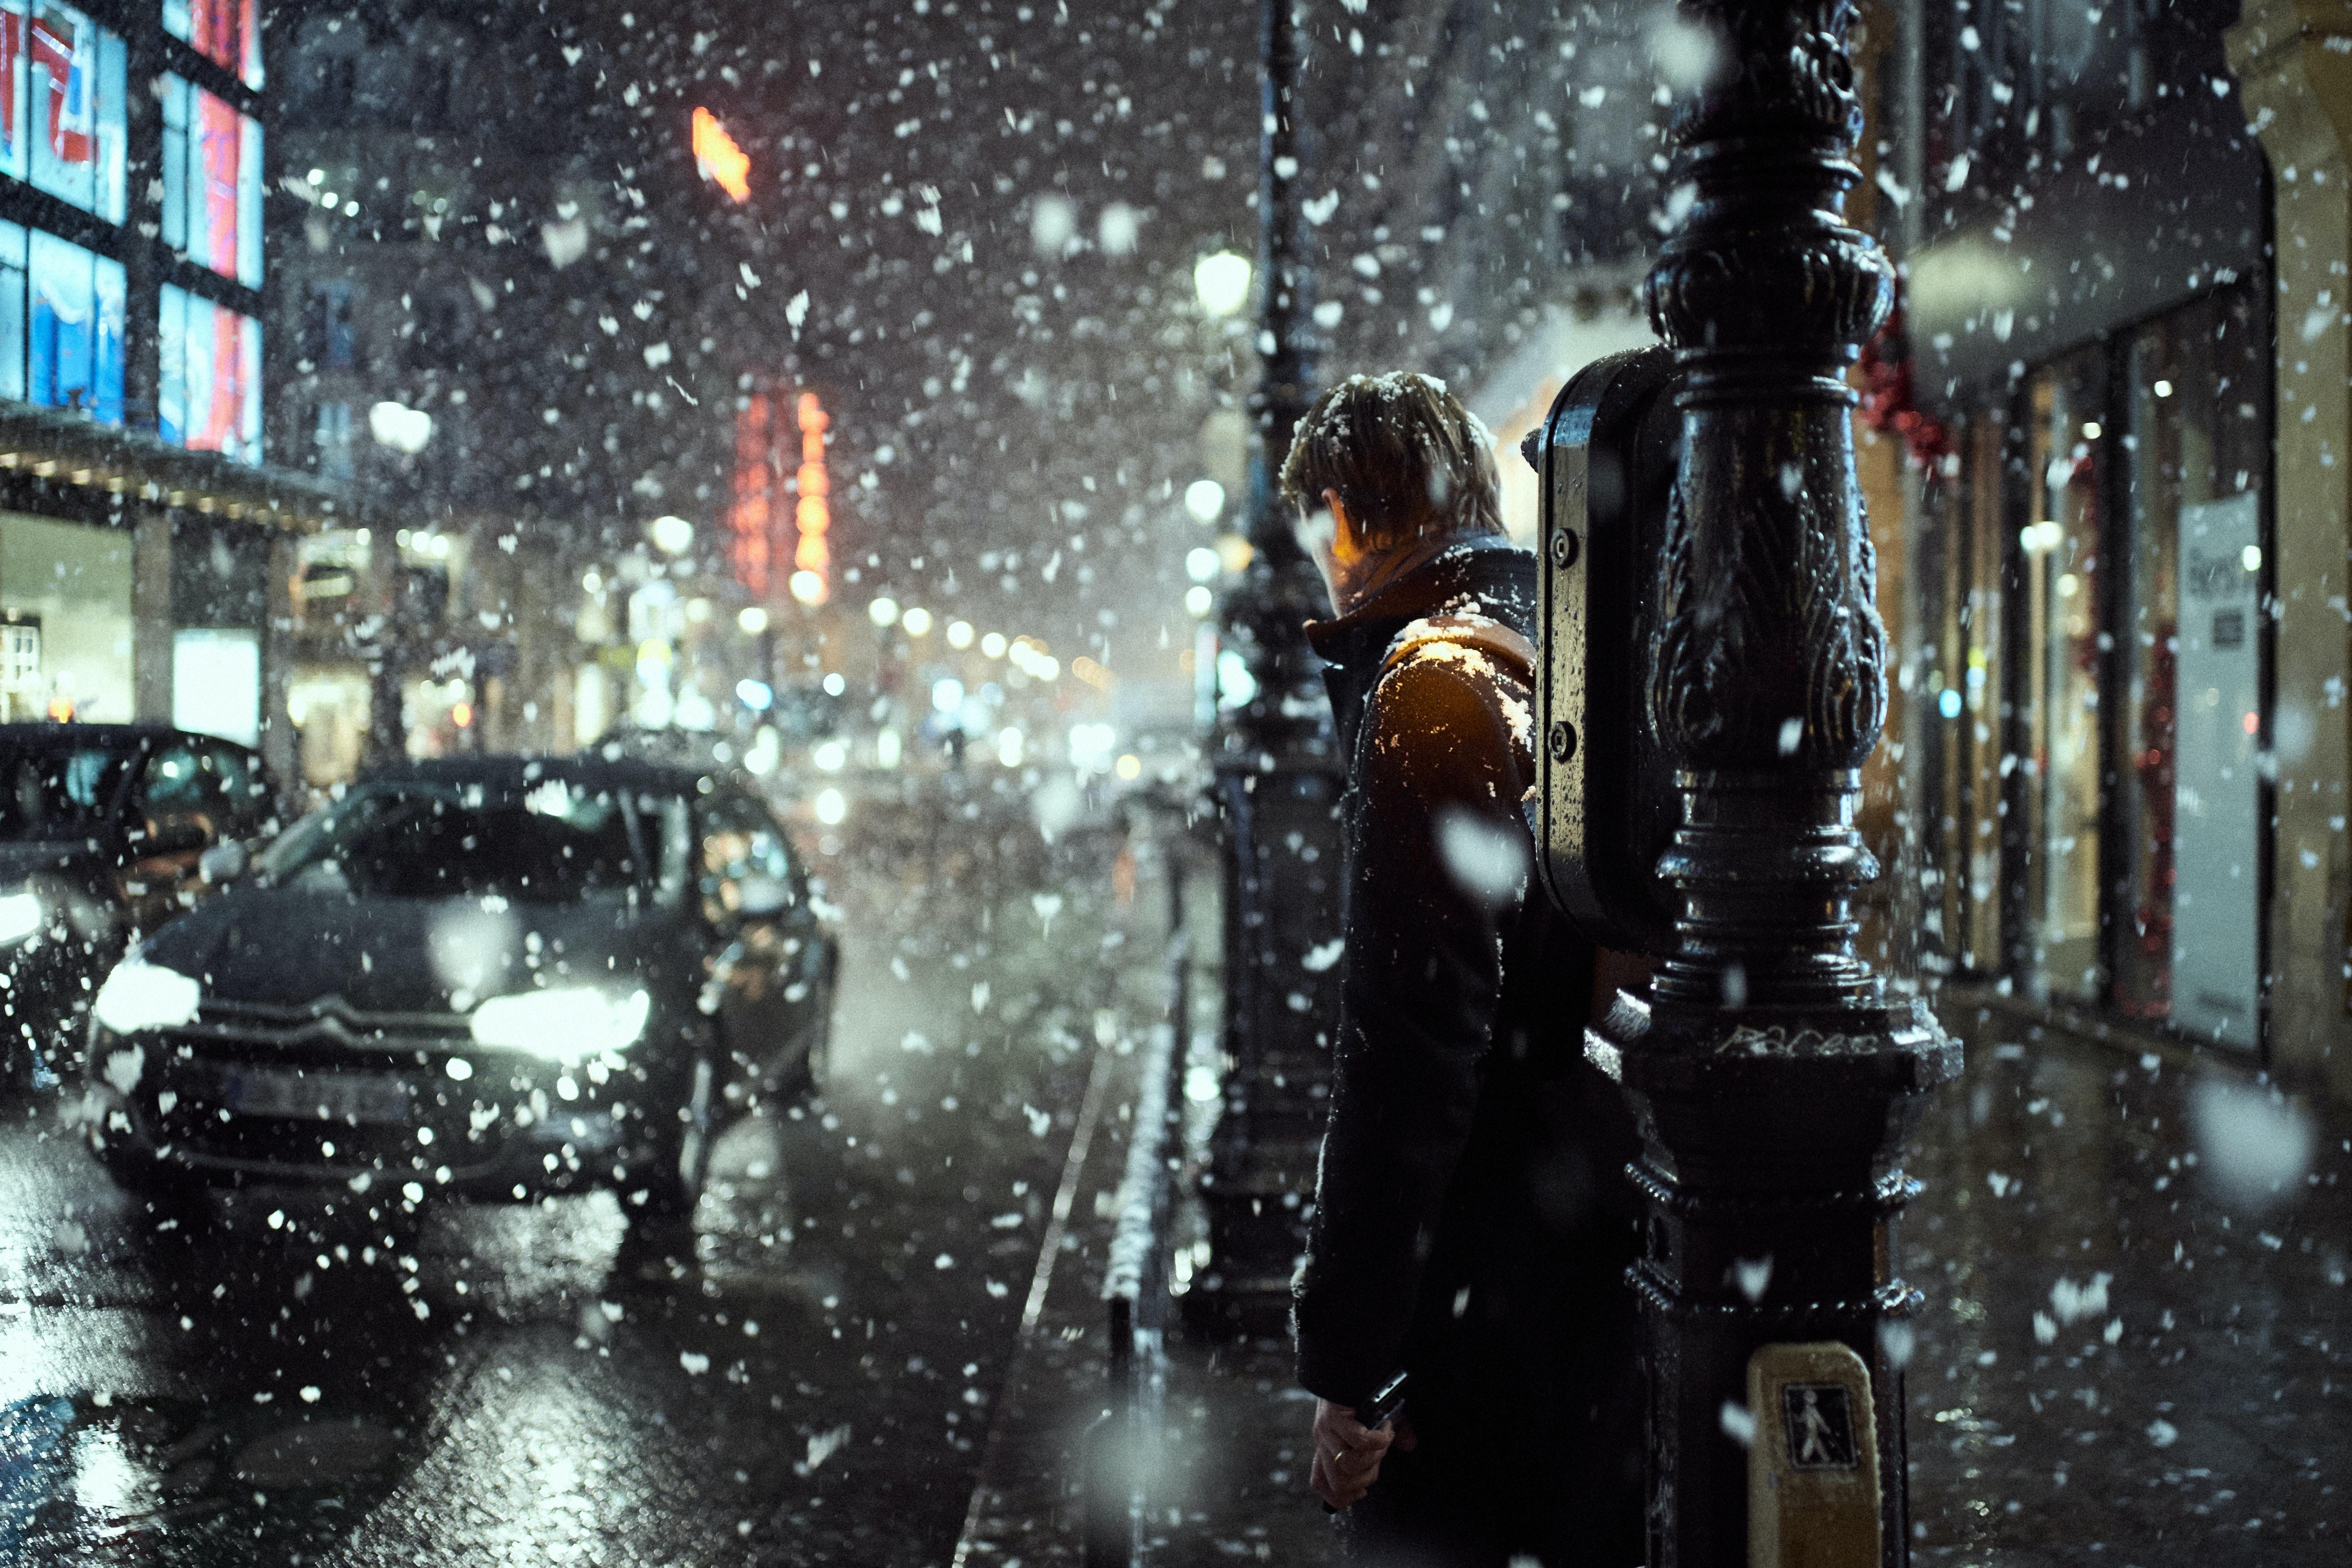 Weather in Paris in December